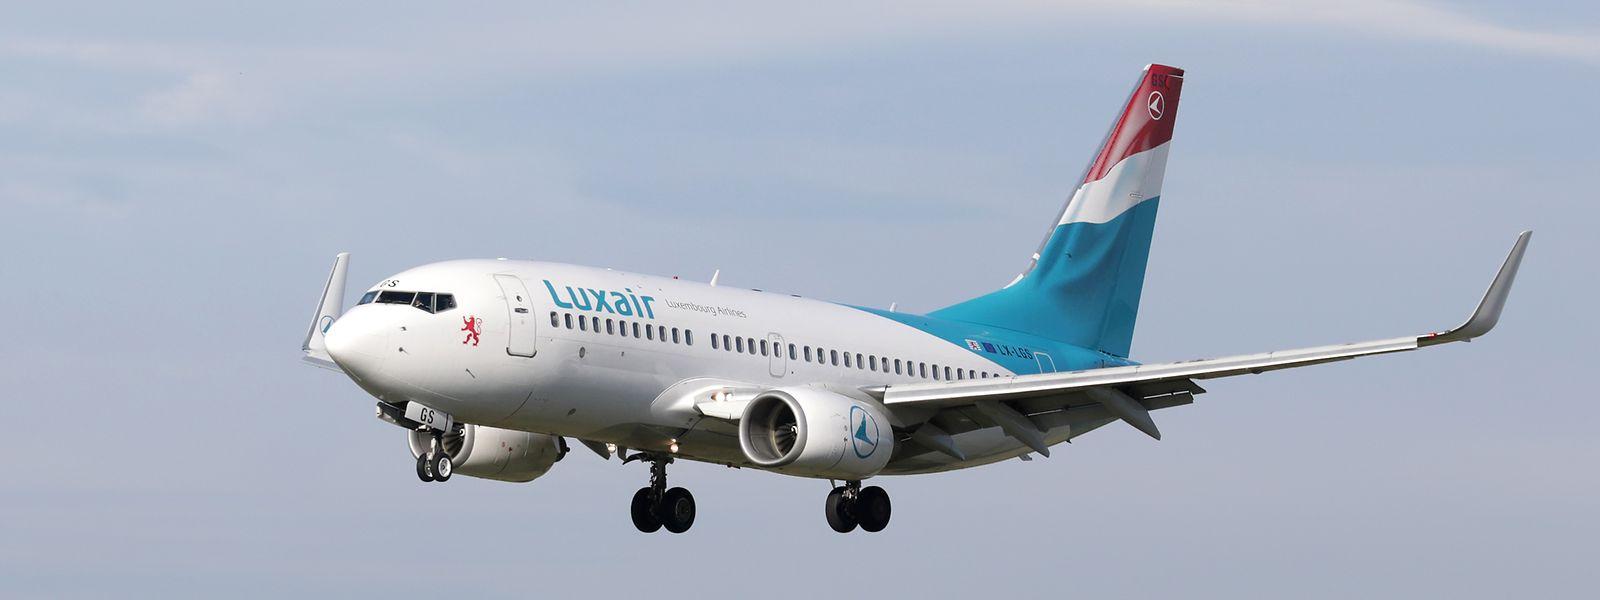 Die Luxemburger Airline Luxair hat in den vergangenen Jahren einen riesigen Veränderungsprozess durchgemacht.